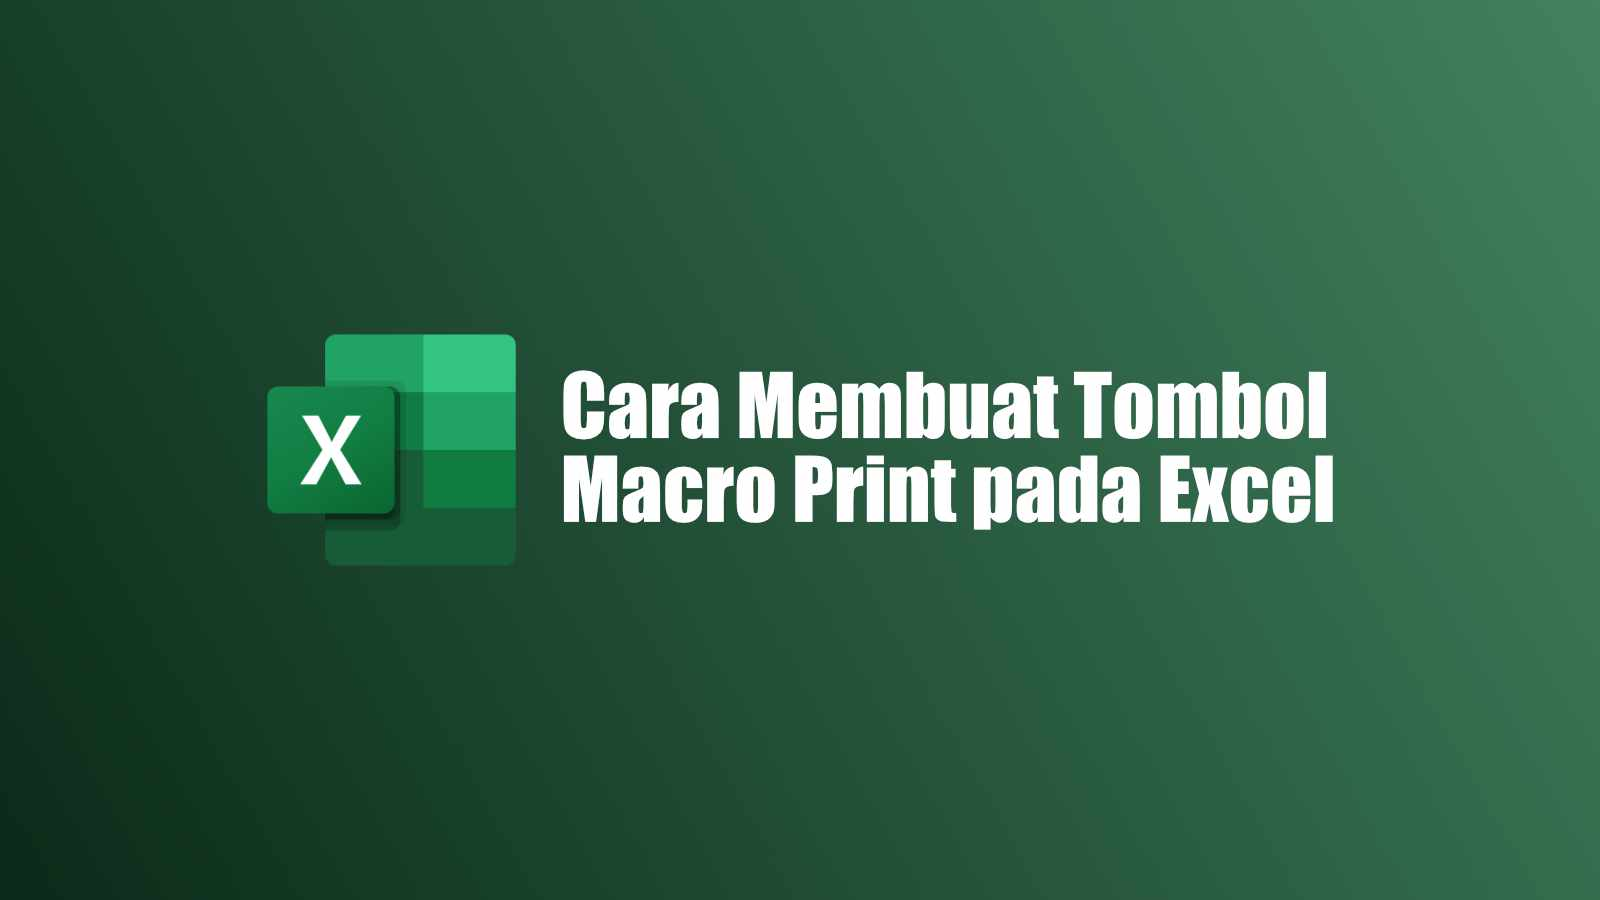 Cara Membuat Tombol Macro Print pada Excel  